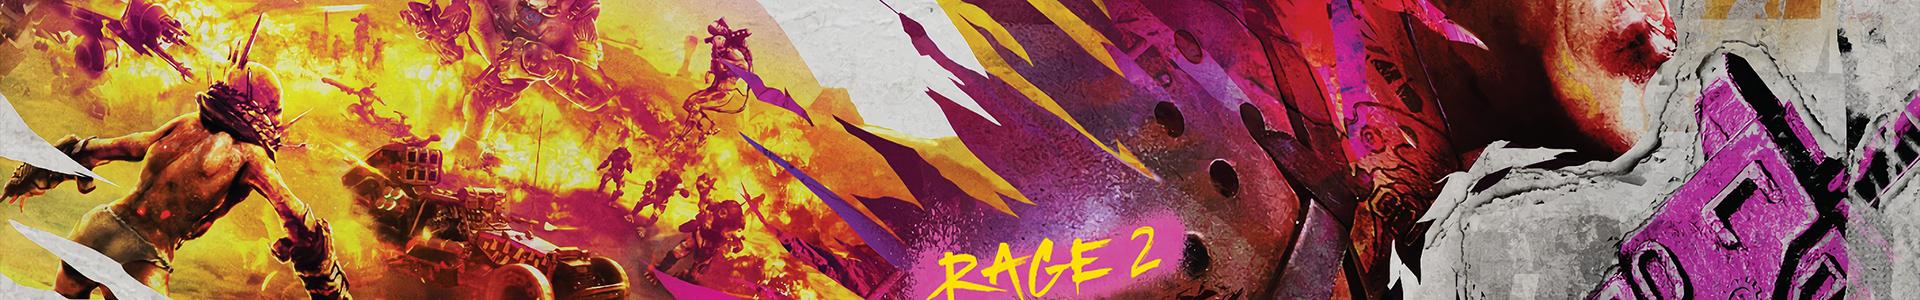 rage-2-banner